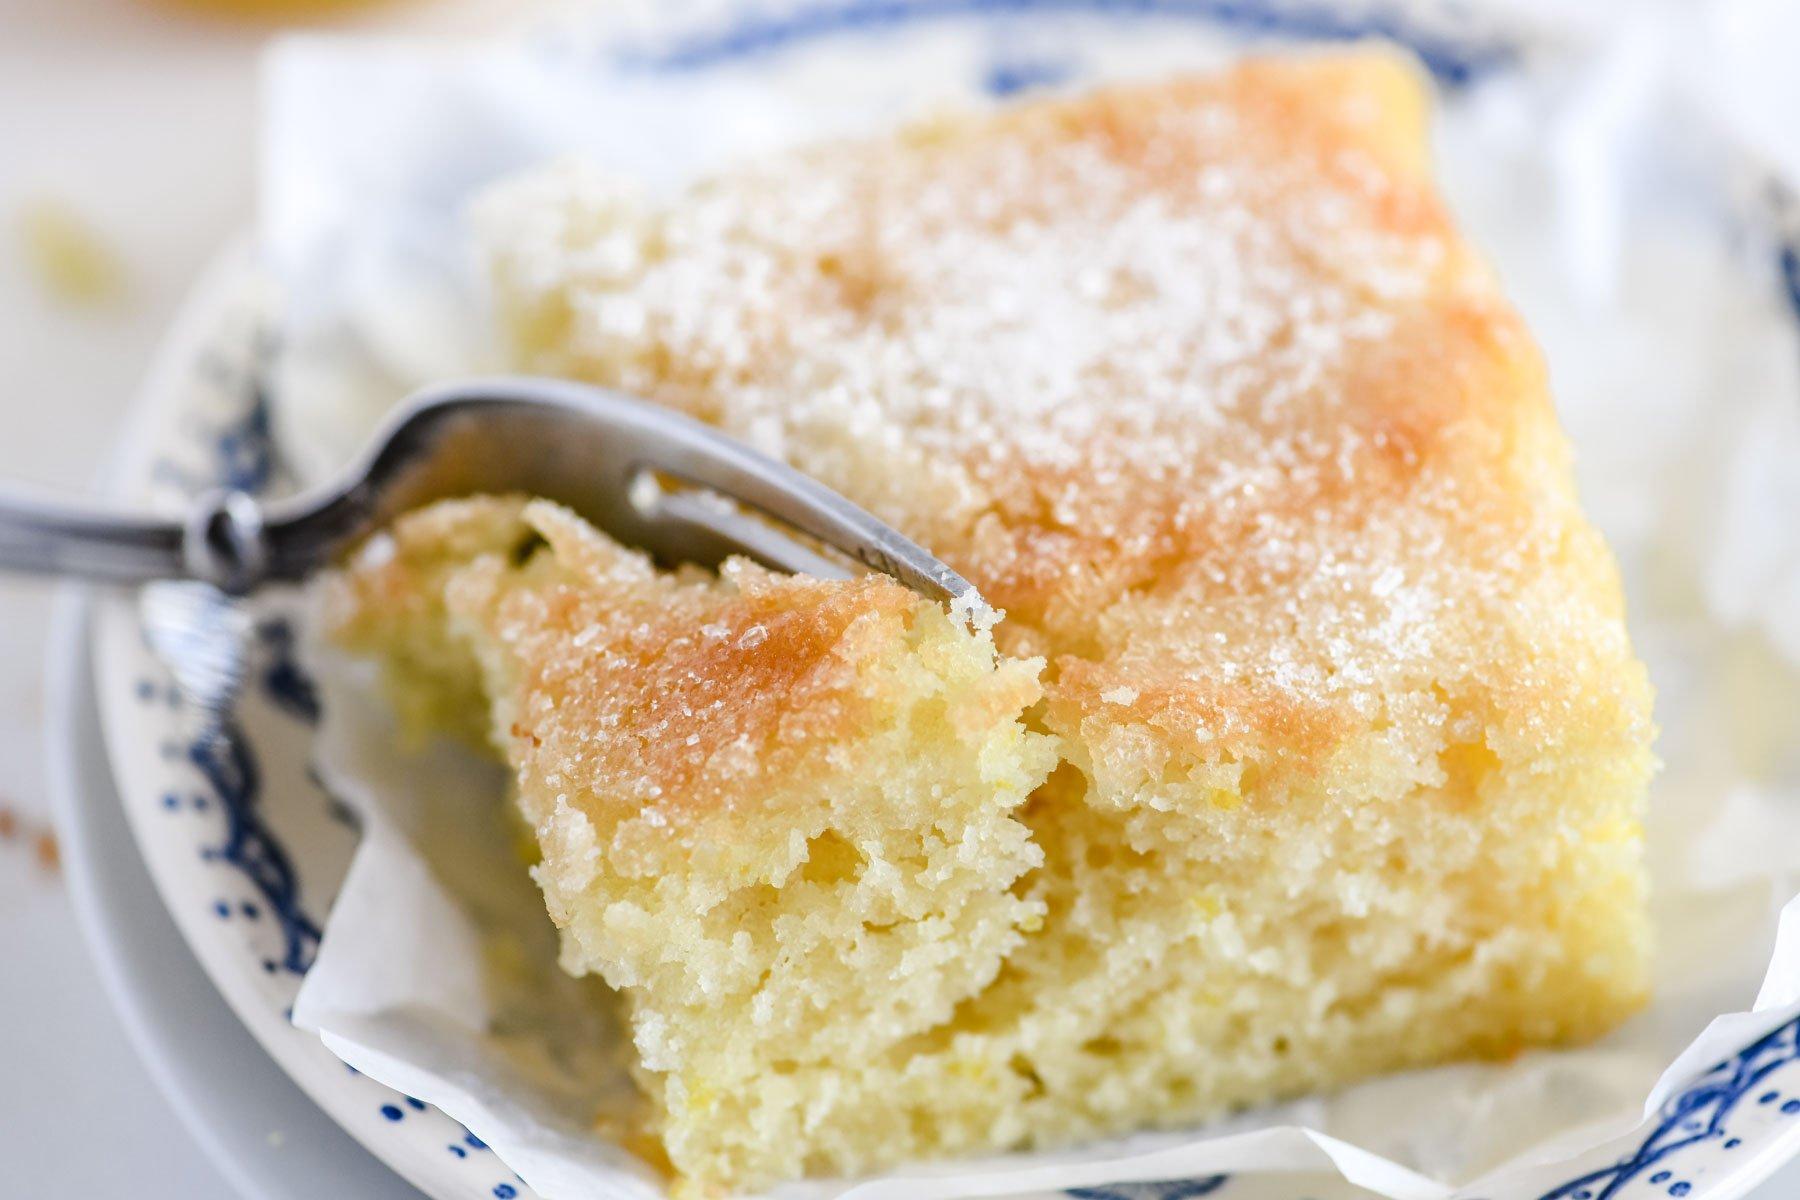 taking a bite of a slice of lemon crunch cake